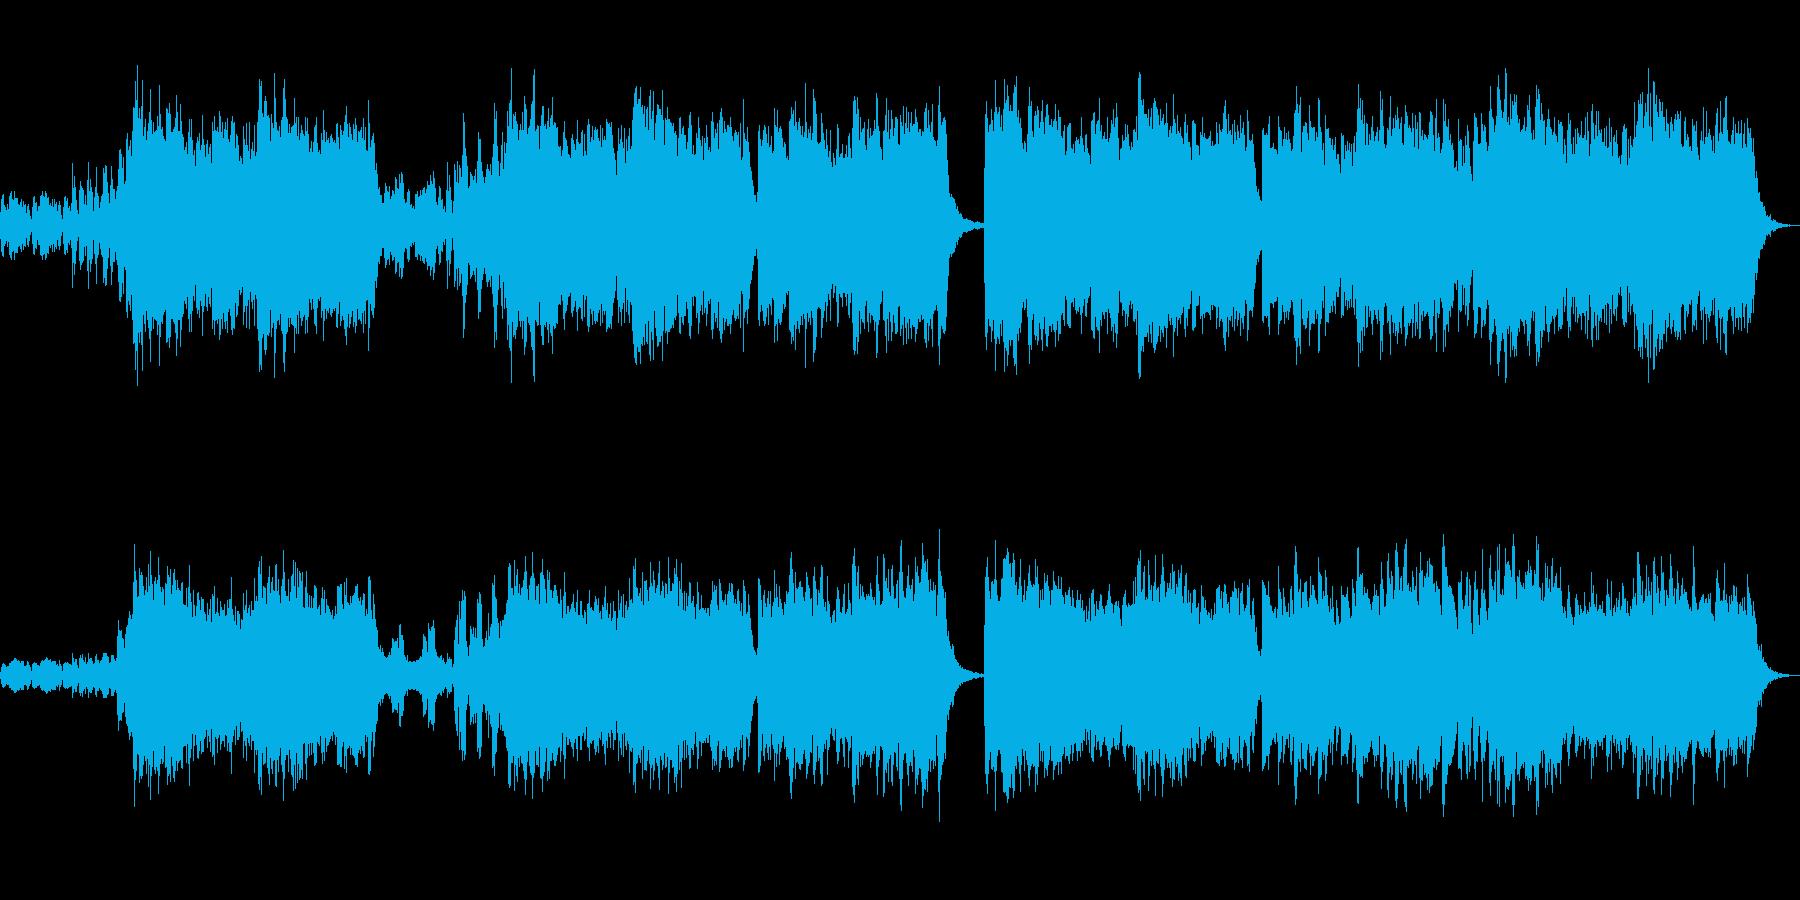 メンデルスゾーンの結婚行進曲を吹奏楽での再生済みの波形